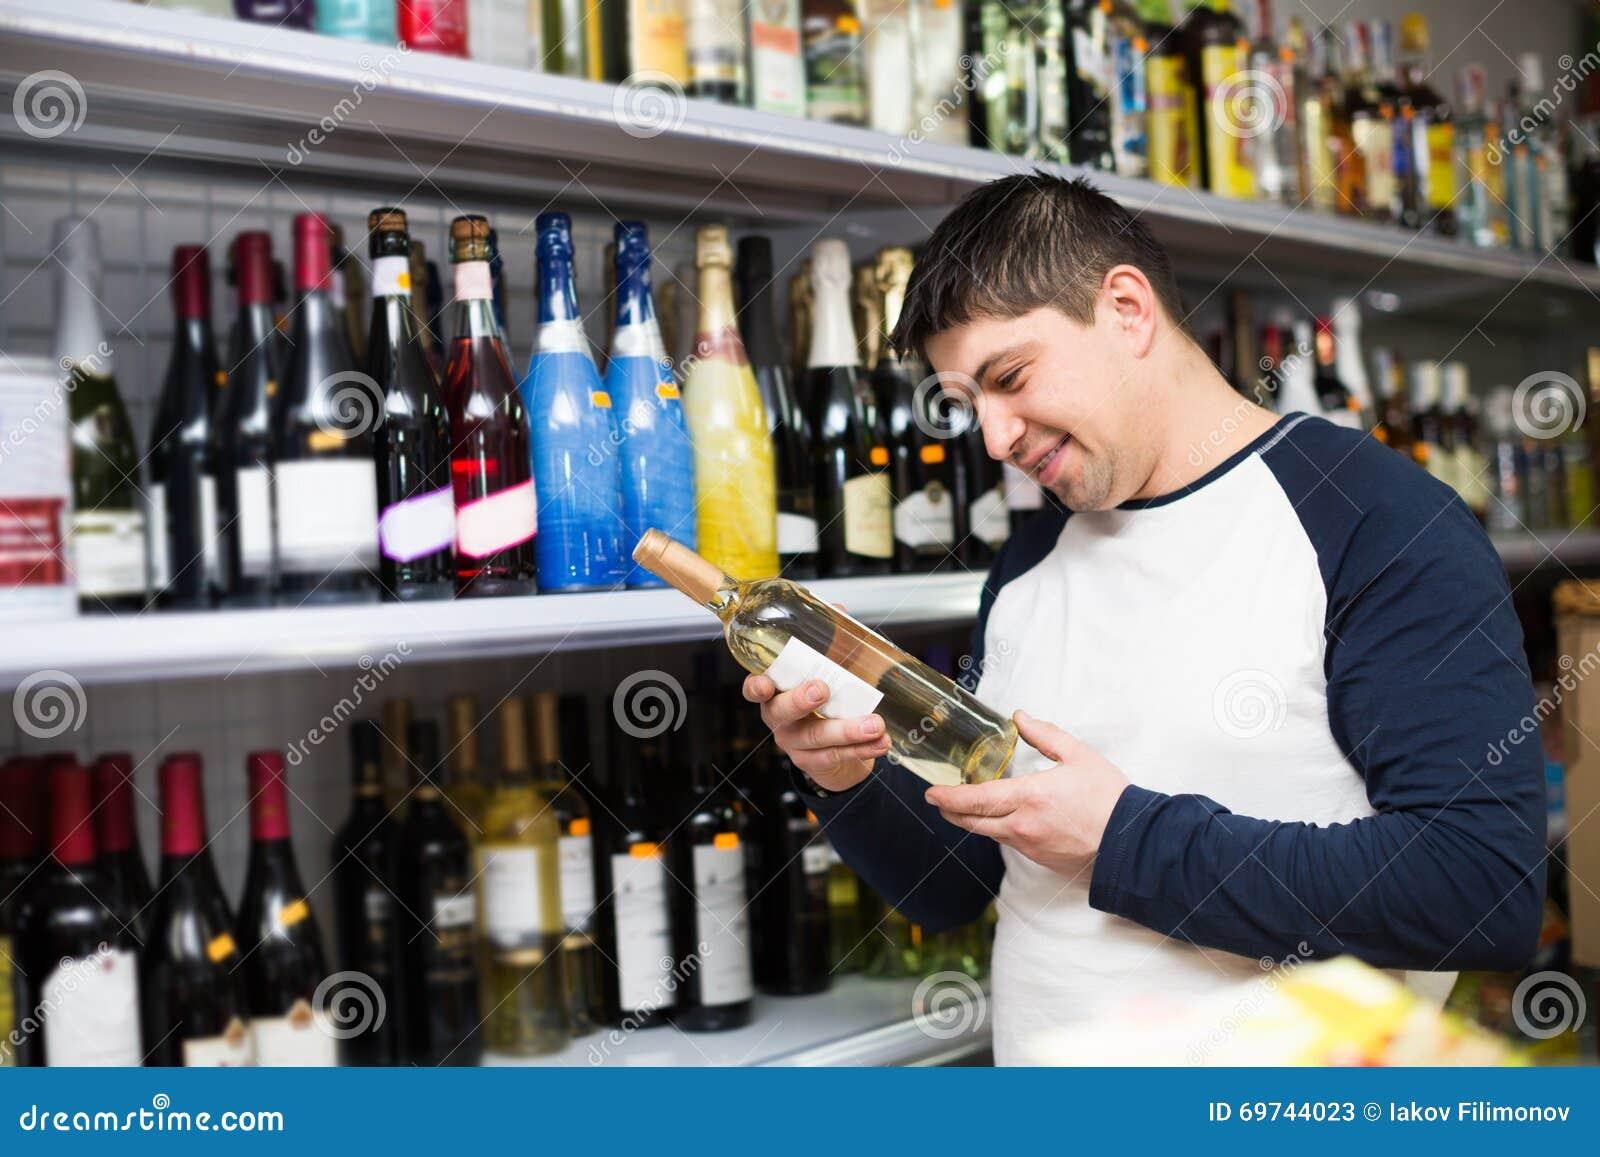 Man Buying Bottle Of Wine Stock Photo - Image: 69744023